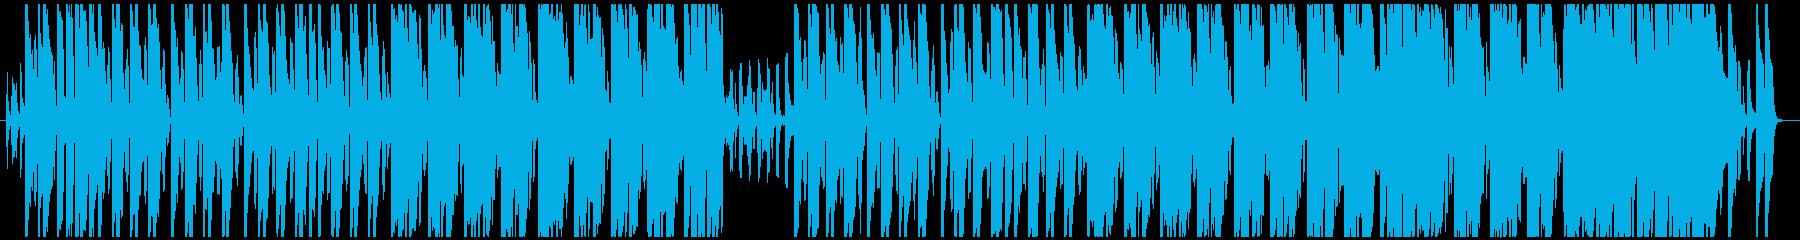 ほのぼの少しコミカルな曲。リコーダー主旋の再生済みの波形